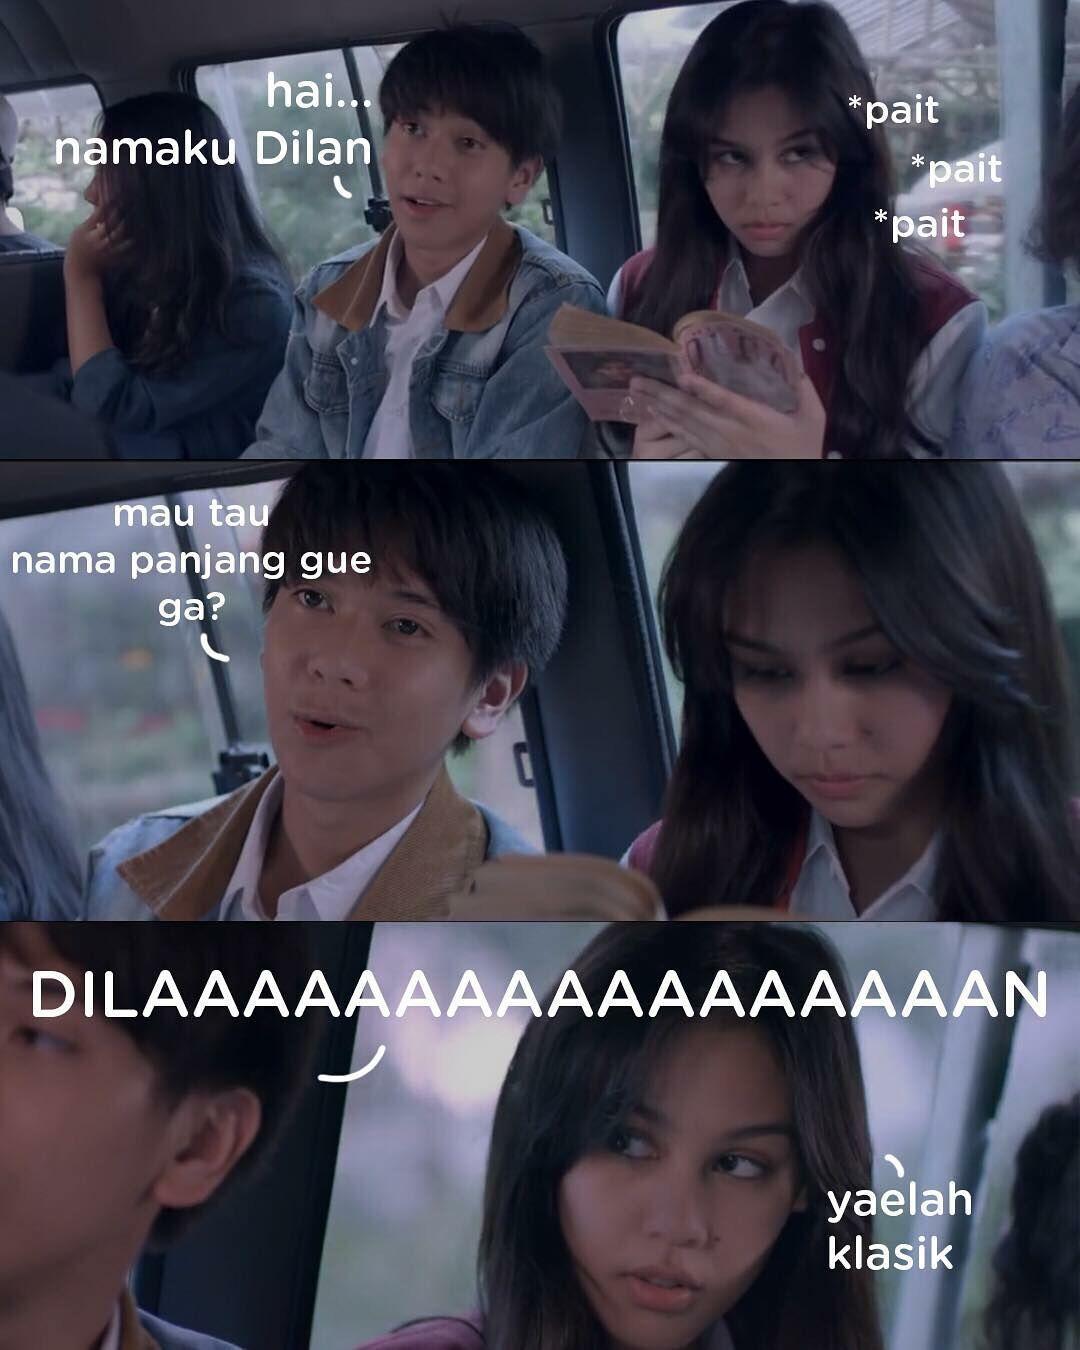 Meme Dilan 1990 10